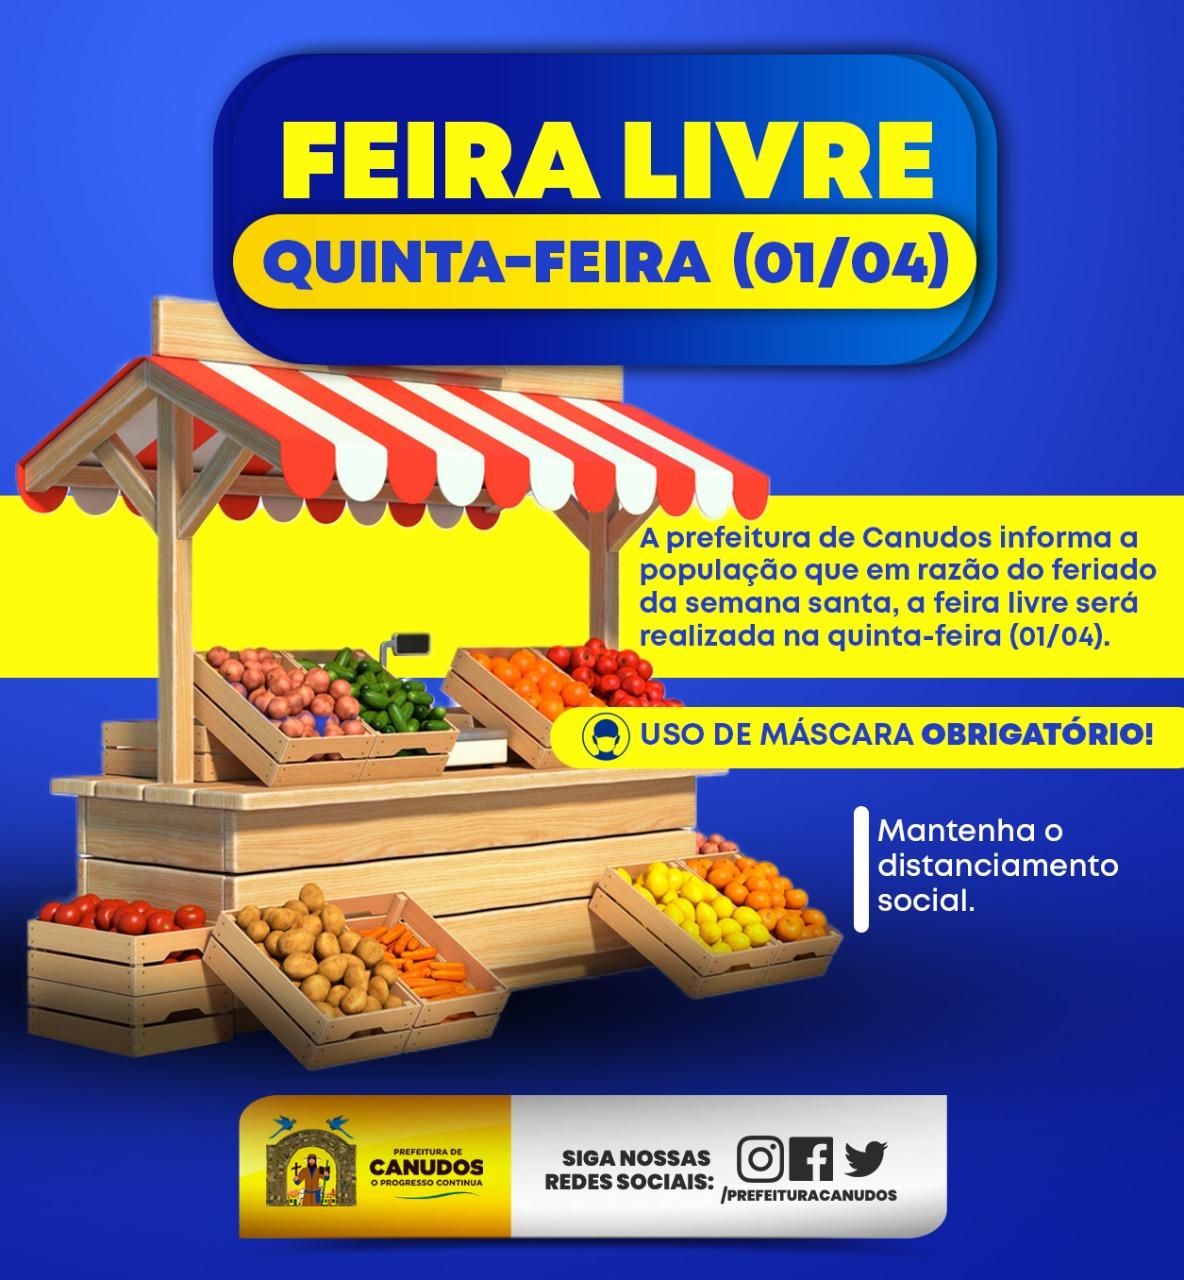 A Prefeitura Municipal de Canudos informa que  em razão do feriado de semana santa, a feira livre acontecerá na quinta-feira.